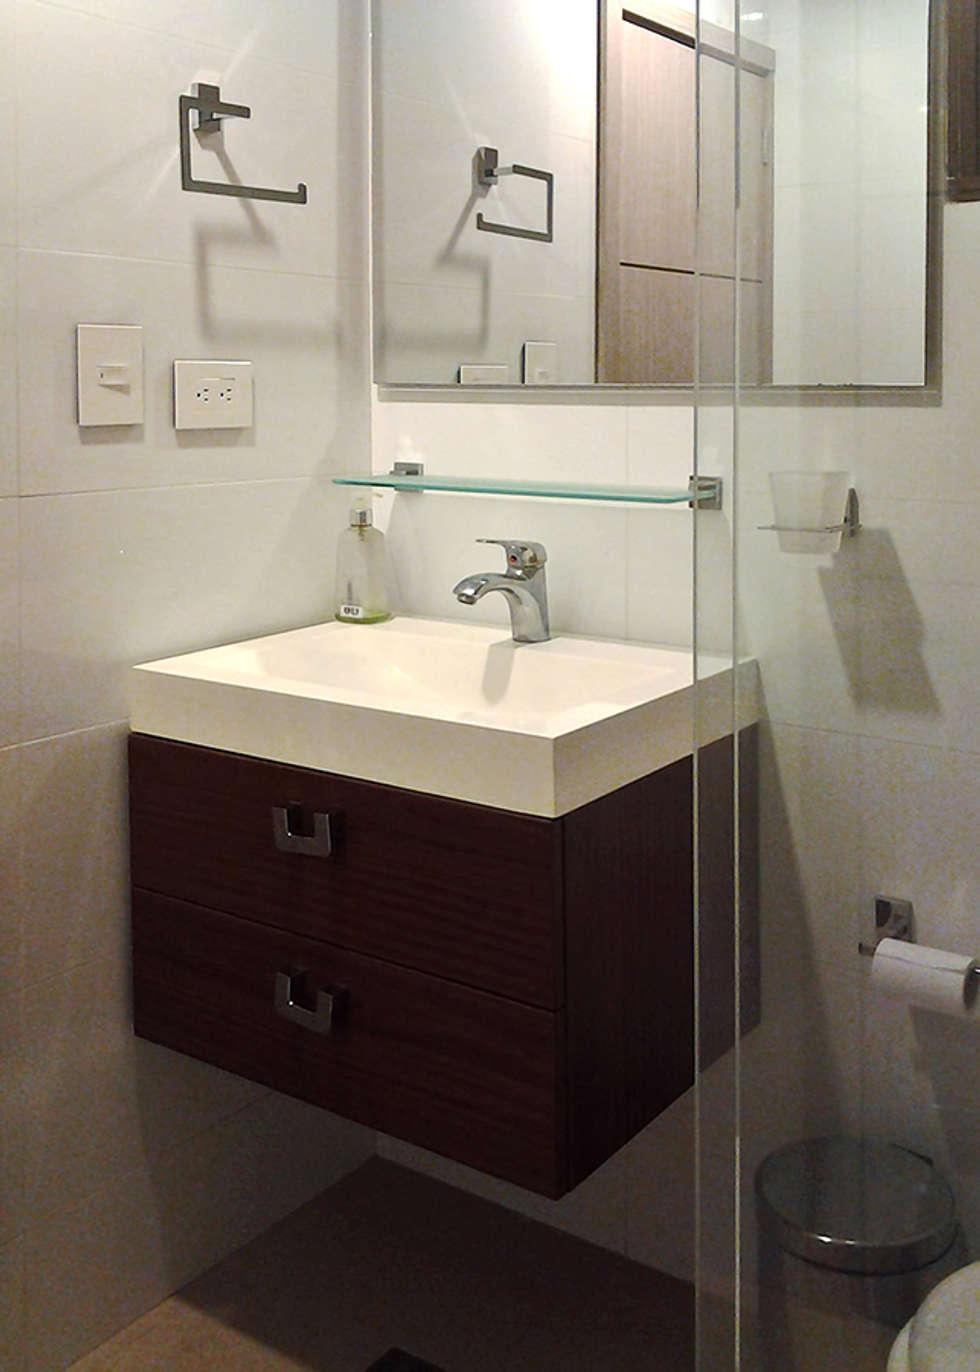 Muebles de baño: Baños de estilo moderno por Remodelar Proyectos Integrales